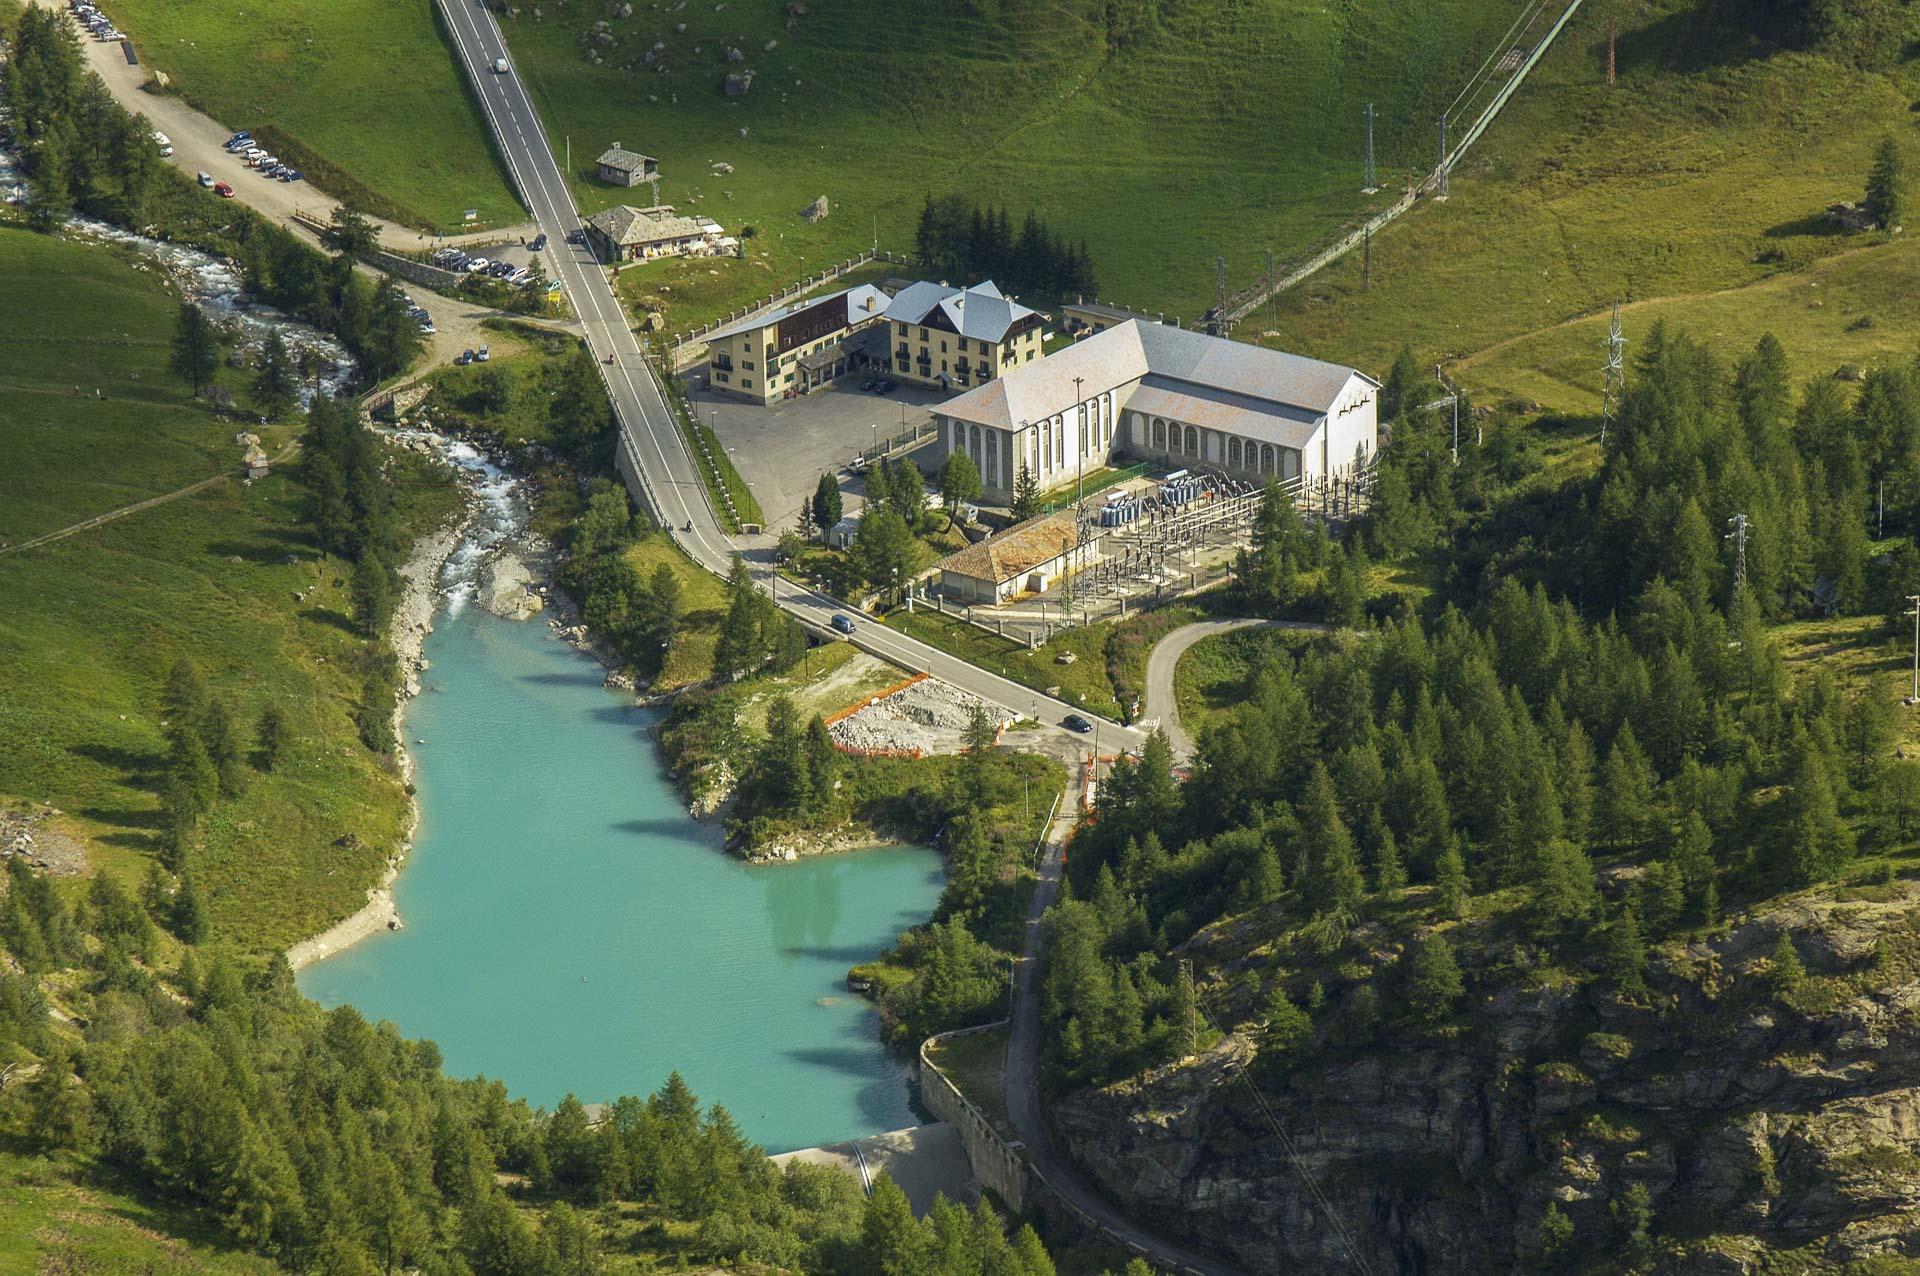 Centrale di produzione energia idroelettrica rinnovabile Perreres